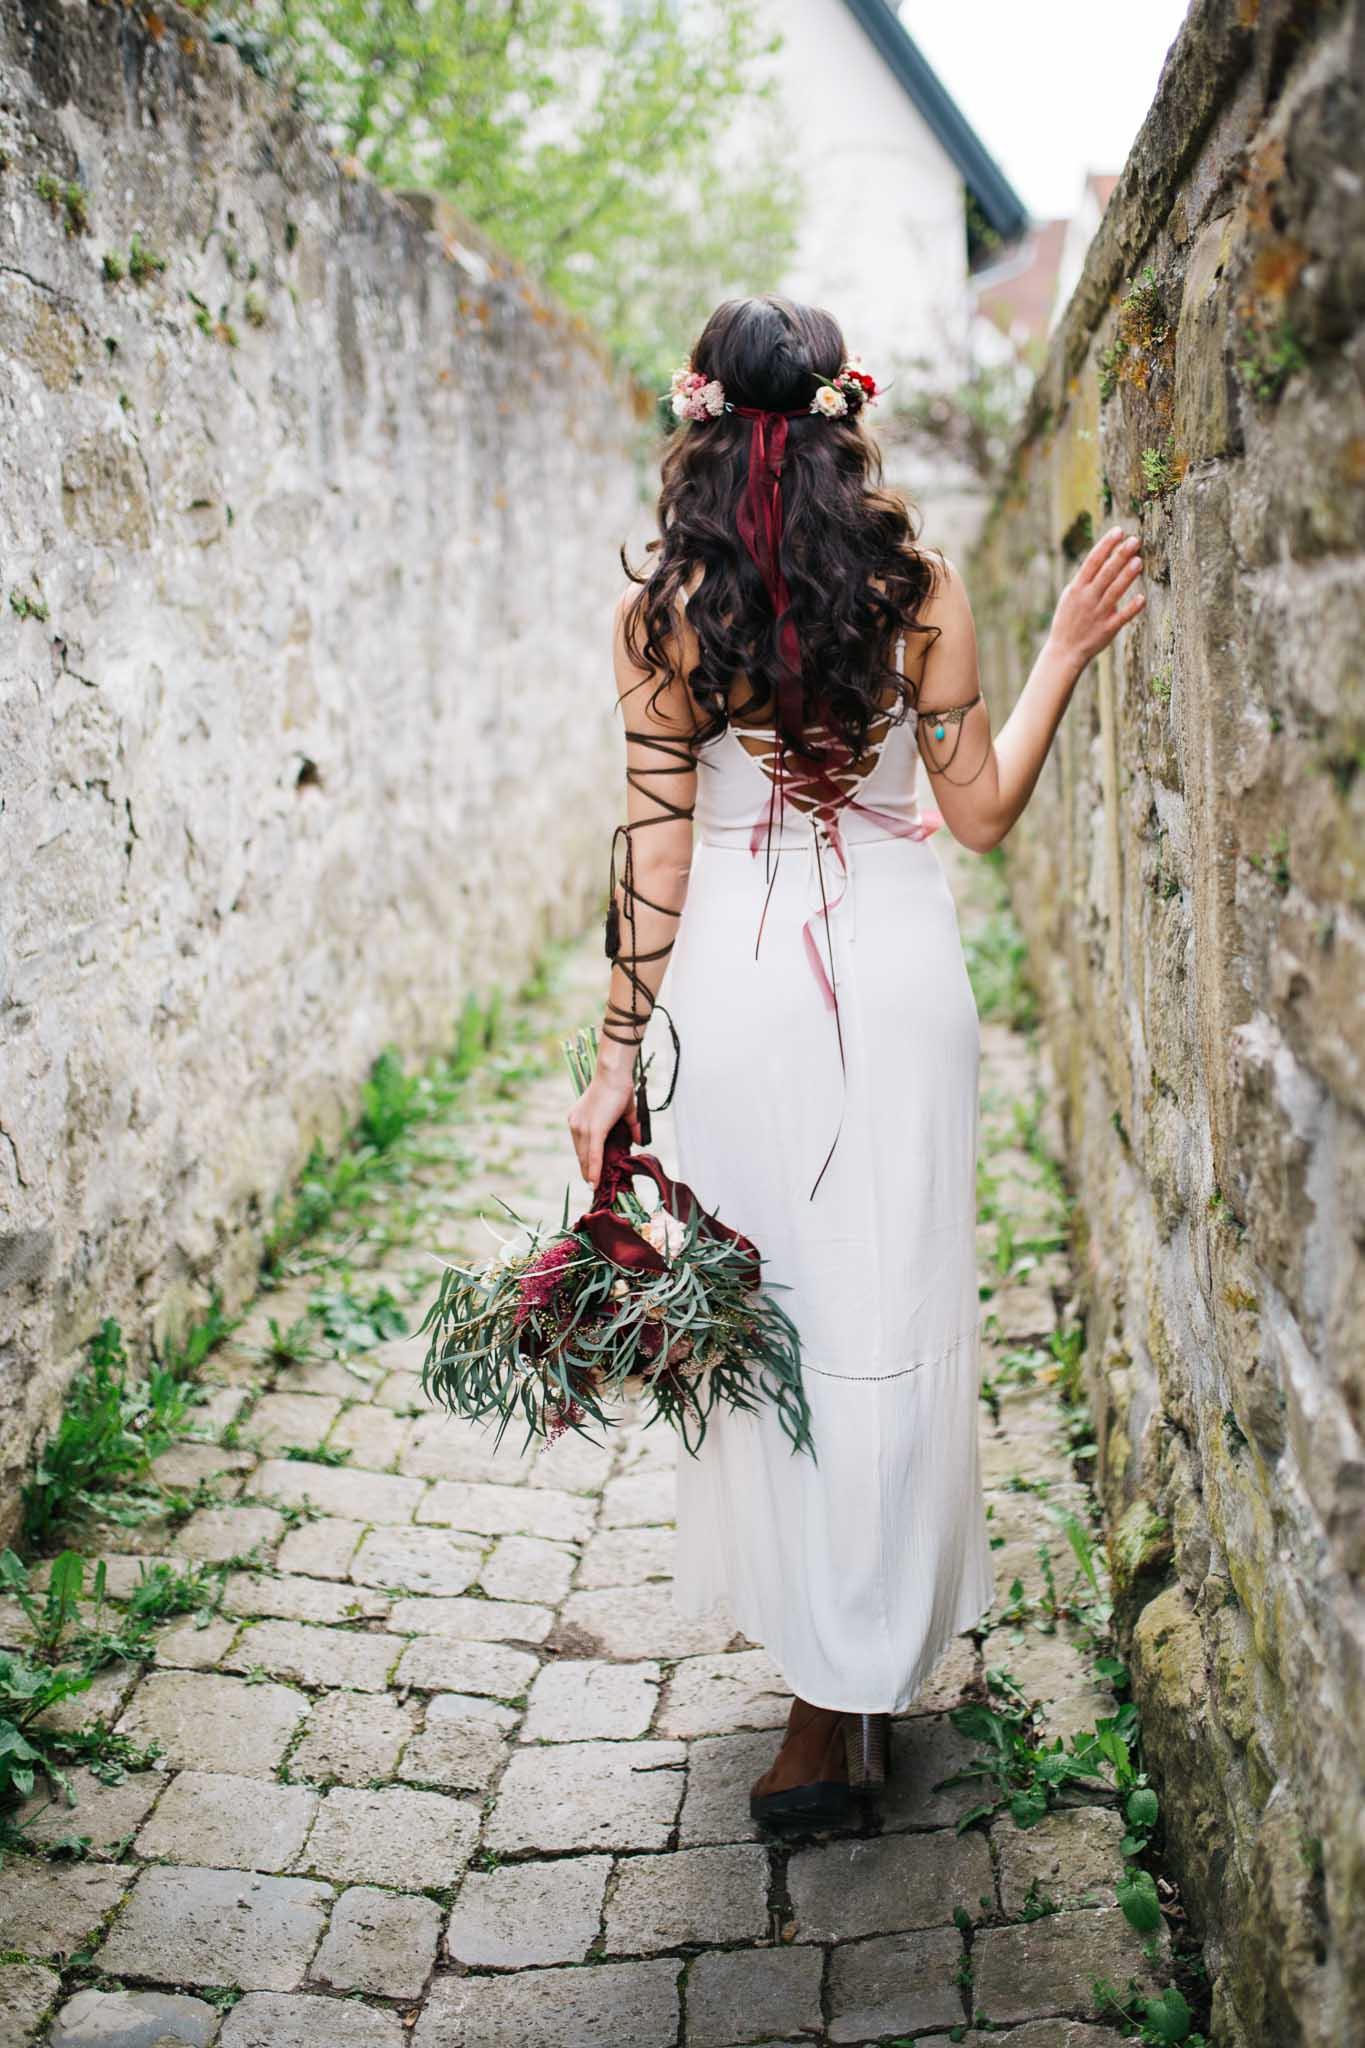 Braut läuft mit Brautstrauß weg